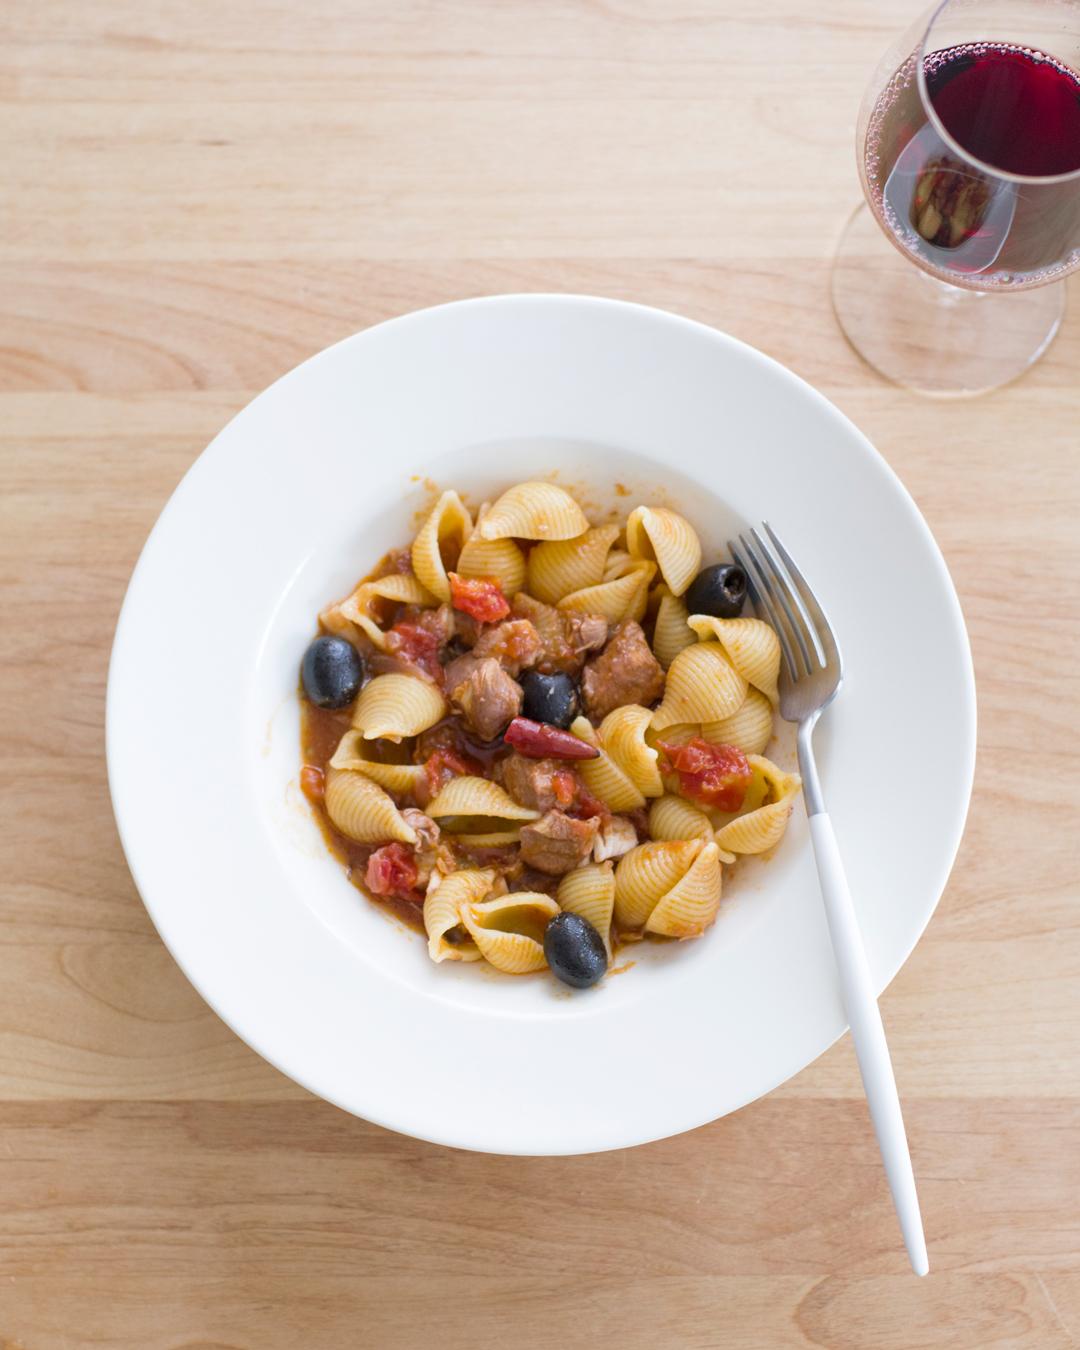 週末パスタ『鶏胸肉のトマトソースと貝殻パスタ』